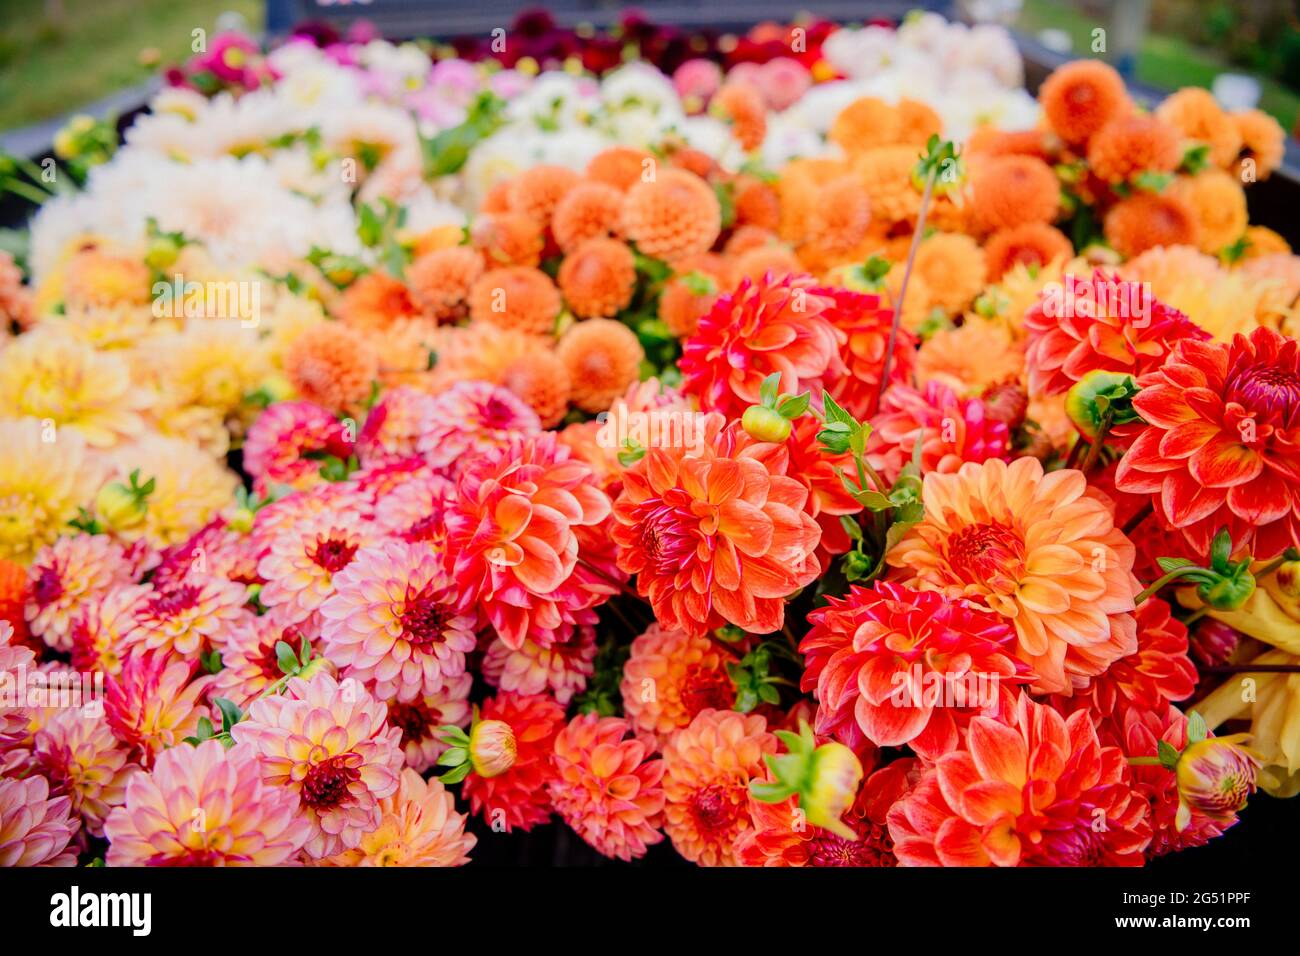 Un montón de flores Dahlia en la parte trasera del camión Foto de stock